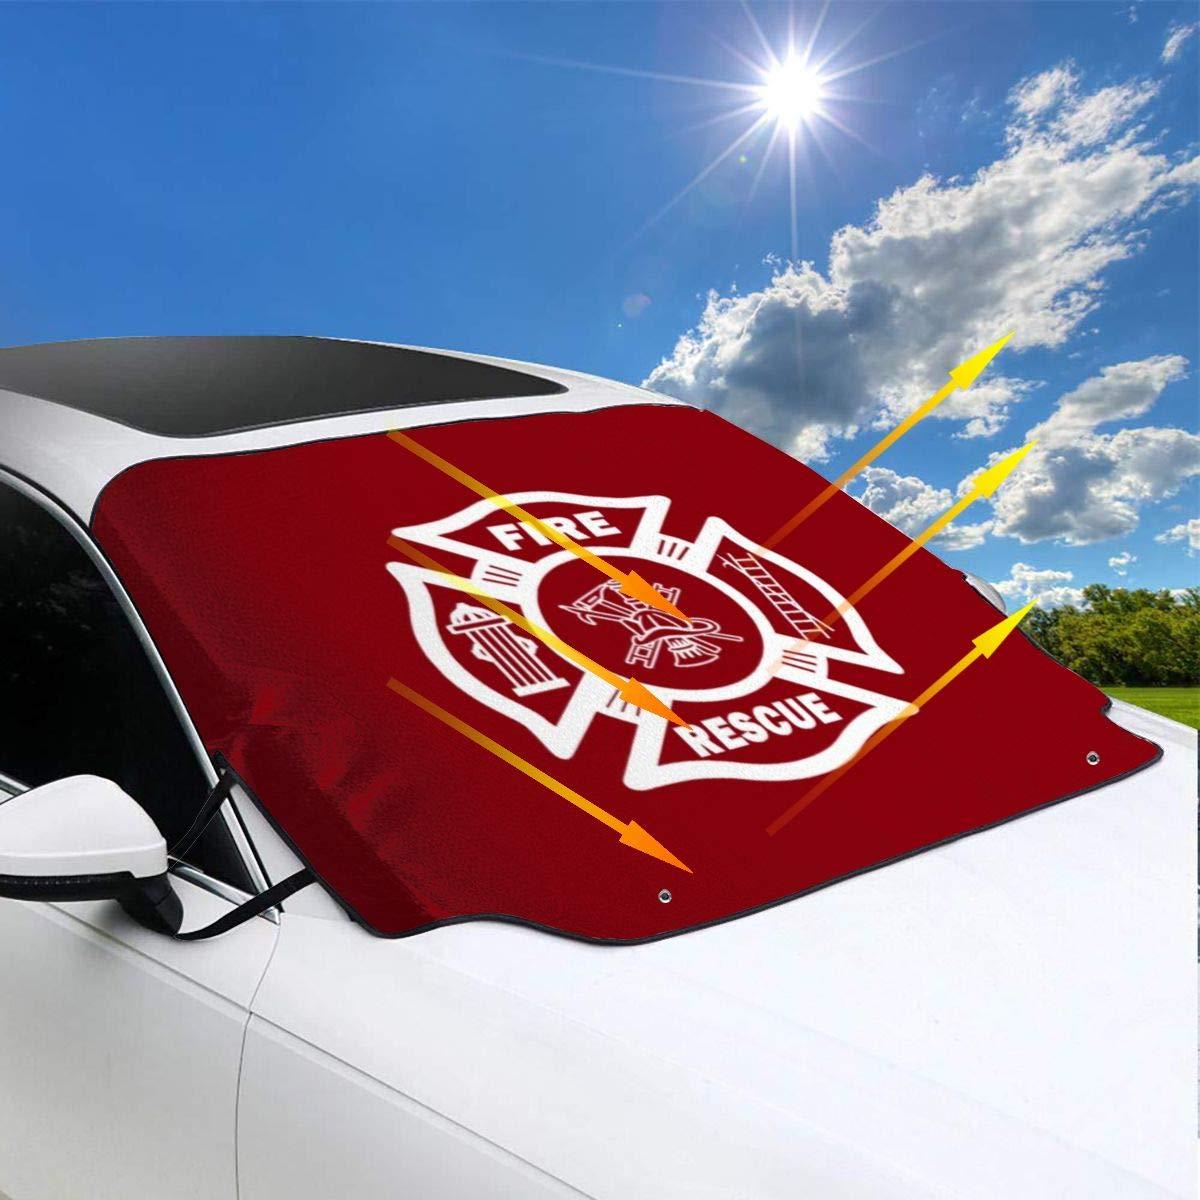 LKW Sonnenschutz f/ür die meisten Autos SUV Lilyo-ltd Firefighter Fire Rescue Auto-Windschutzscheibe h/ält Ihr Fahrzeug k/ühl Schutz blockiert W/ärme und Sonne